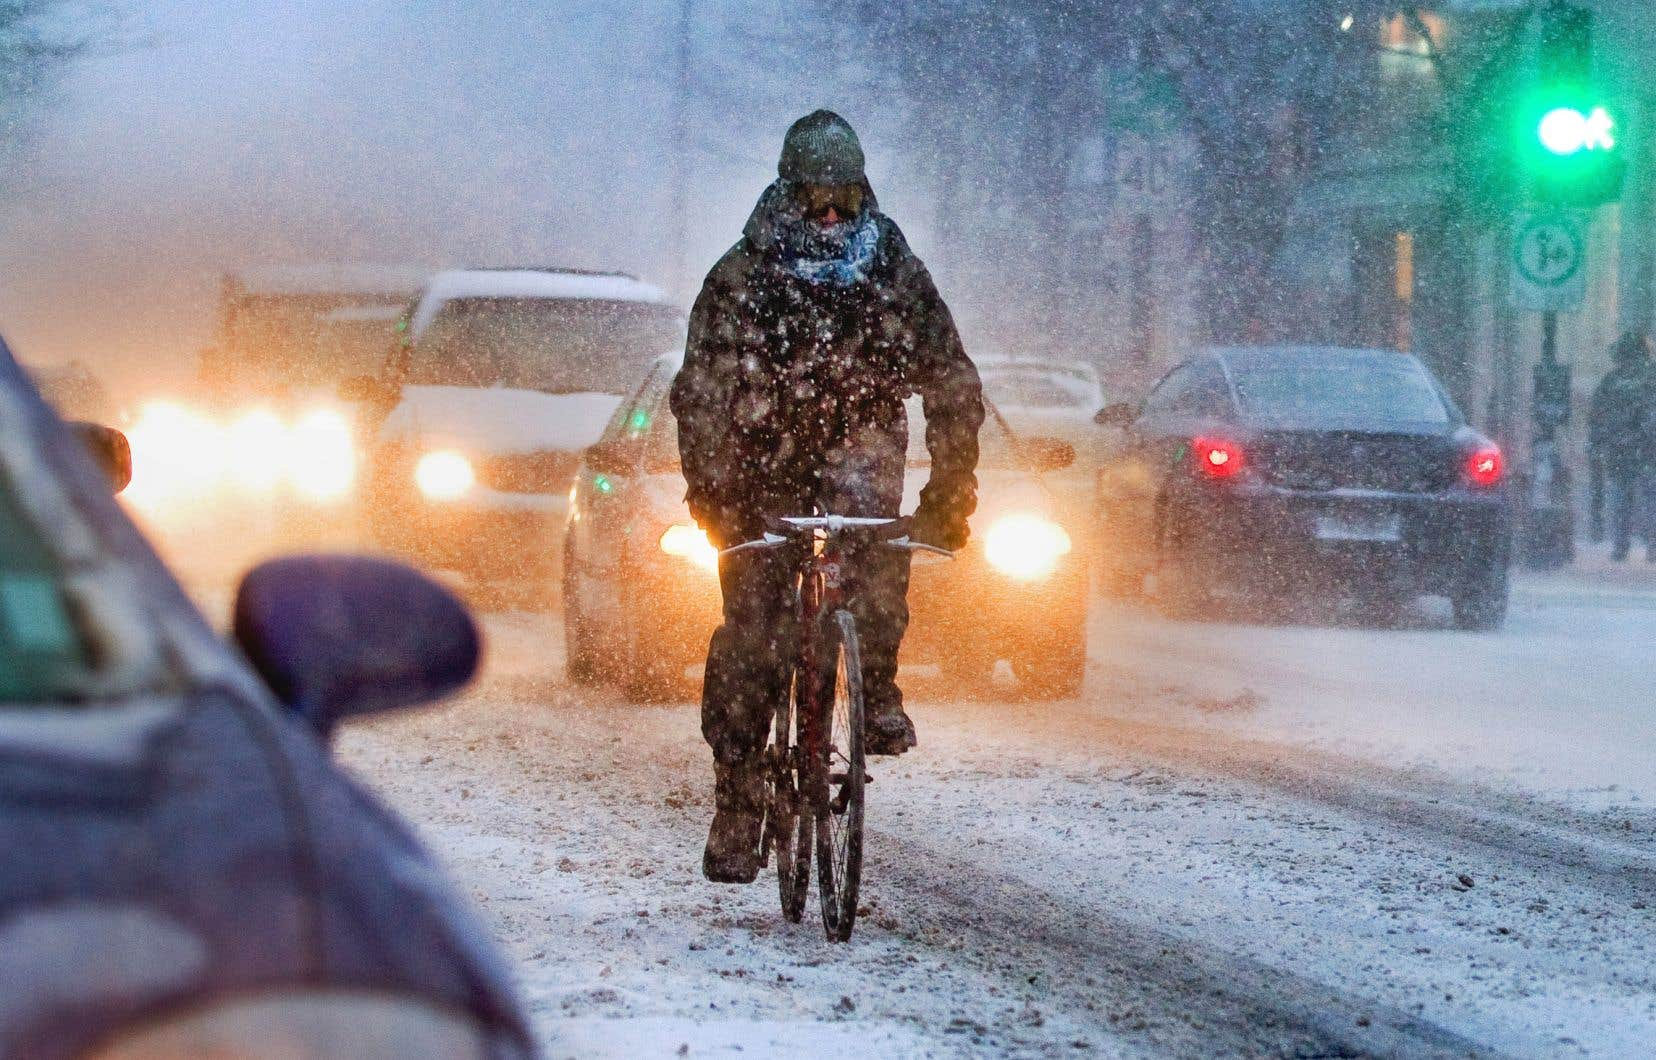 Selon l'auteur, une volonté politique serait nécessaire afin de rendre sécuritaires les conditions routières pour plusieurs cyclistes d'hiver.